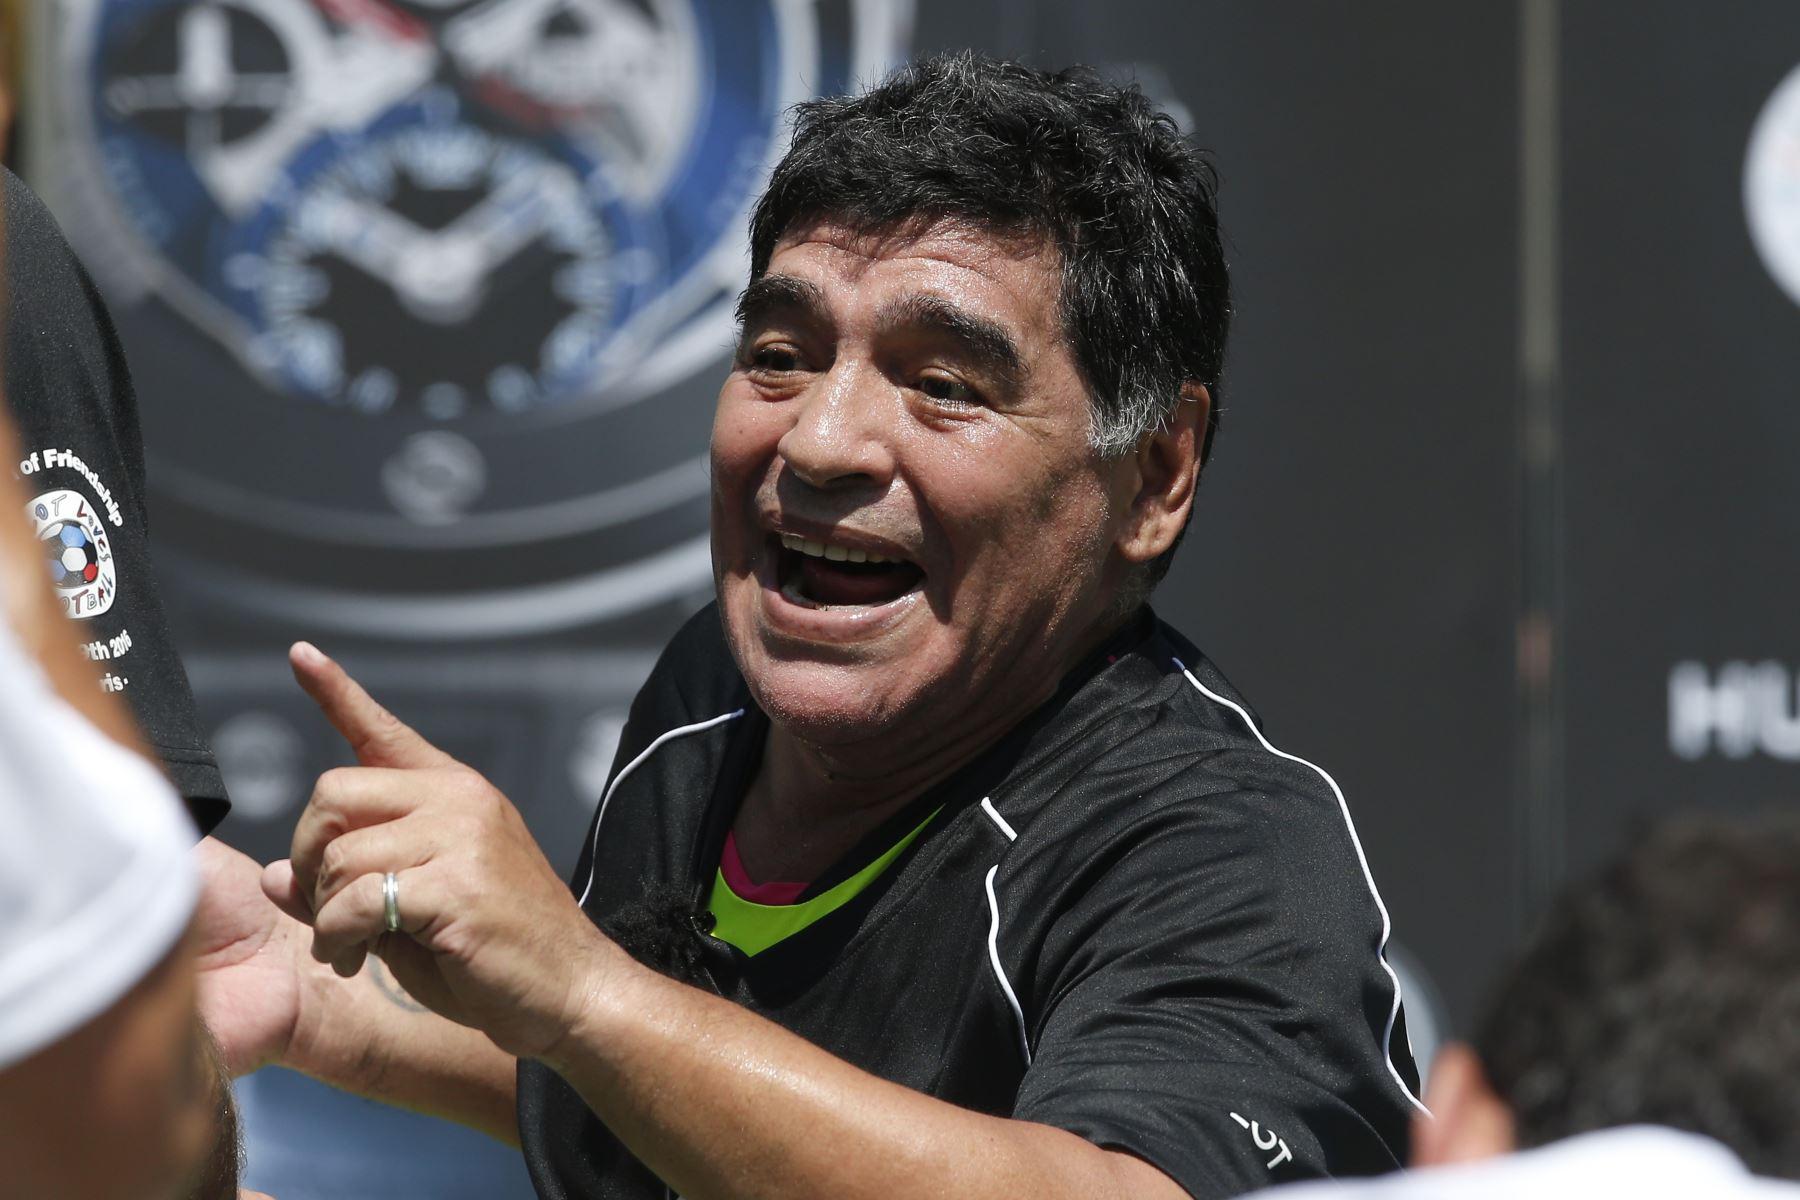 Maradona no descansa en paz: la justicia analiza hasta su corazón